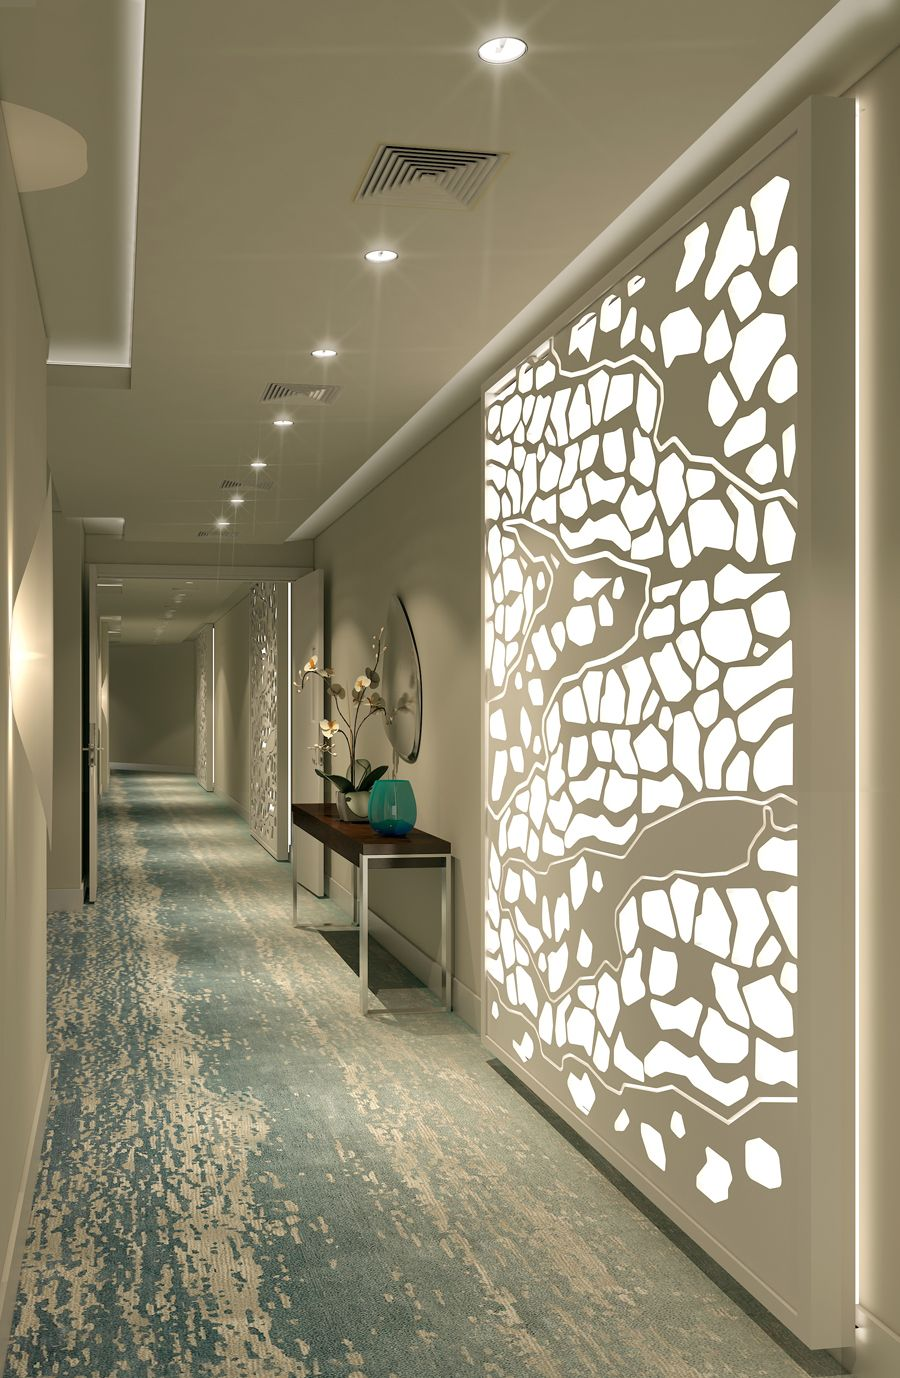 Haus flur design-ideen wandgestaltung im flur  ideen die sie in ihr haus einführen können